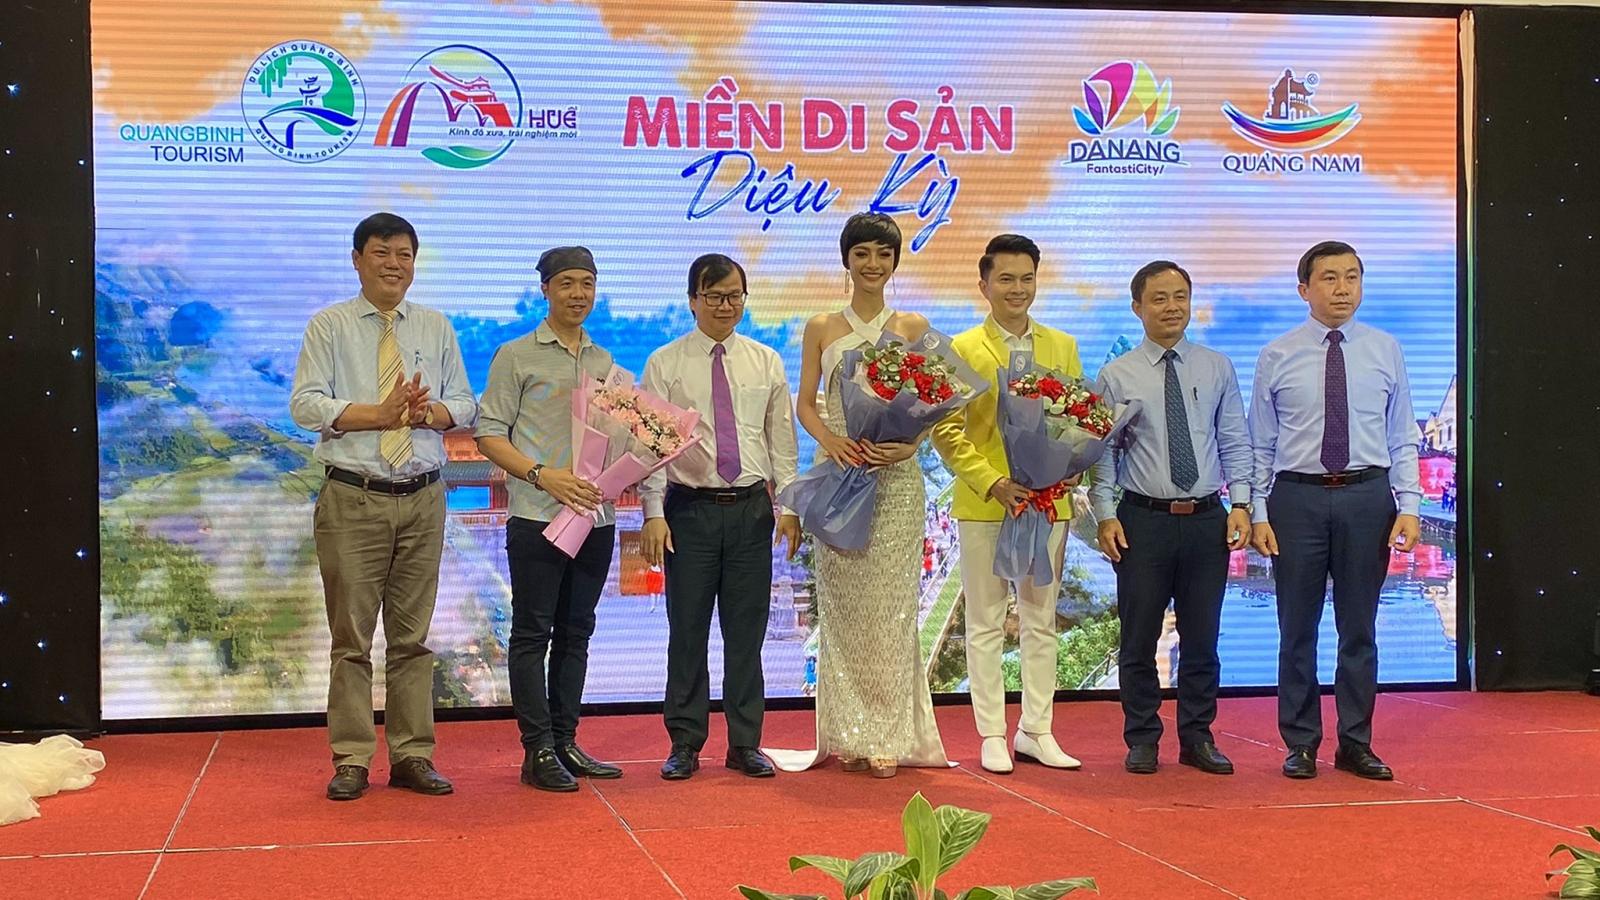 Xúc tiến du lịch Quảng Bình tại TP.HCM